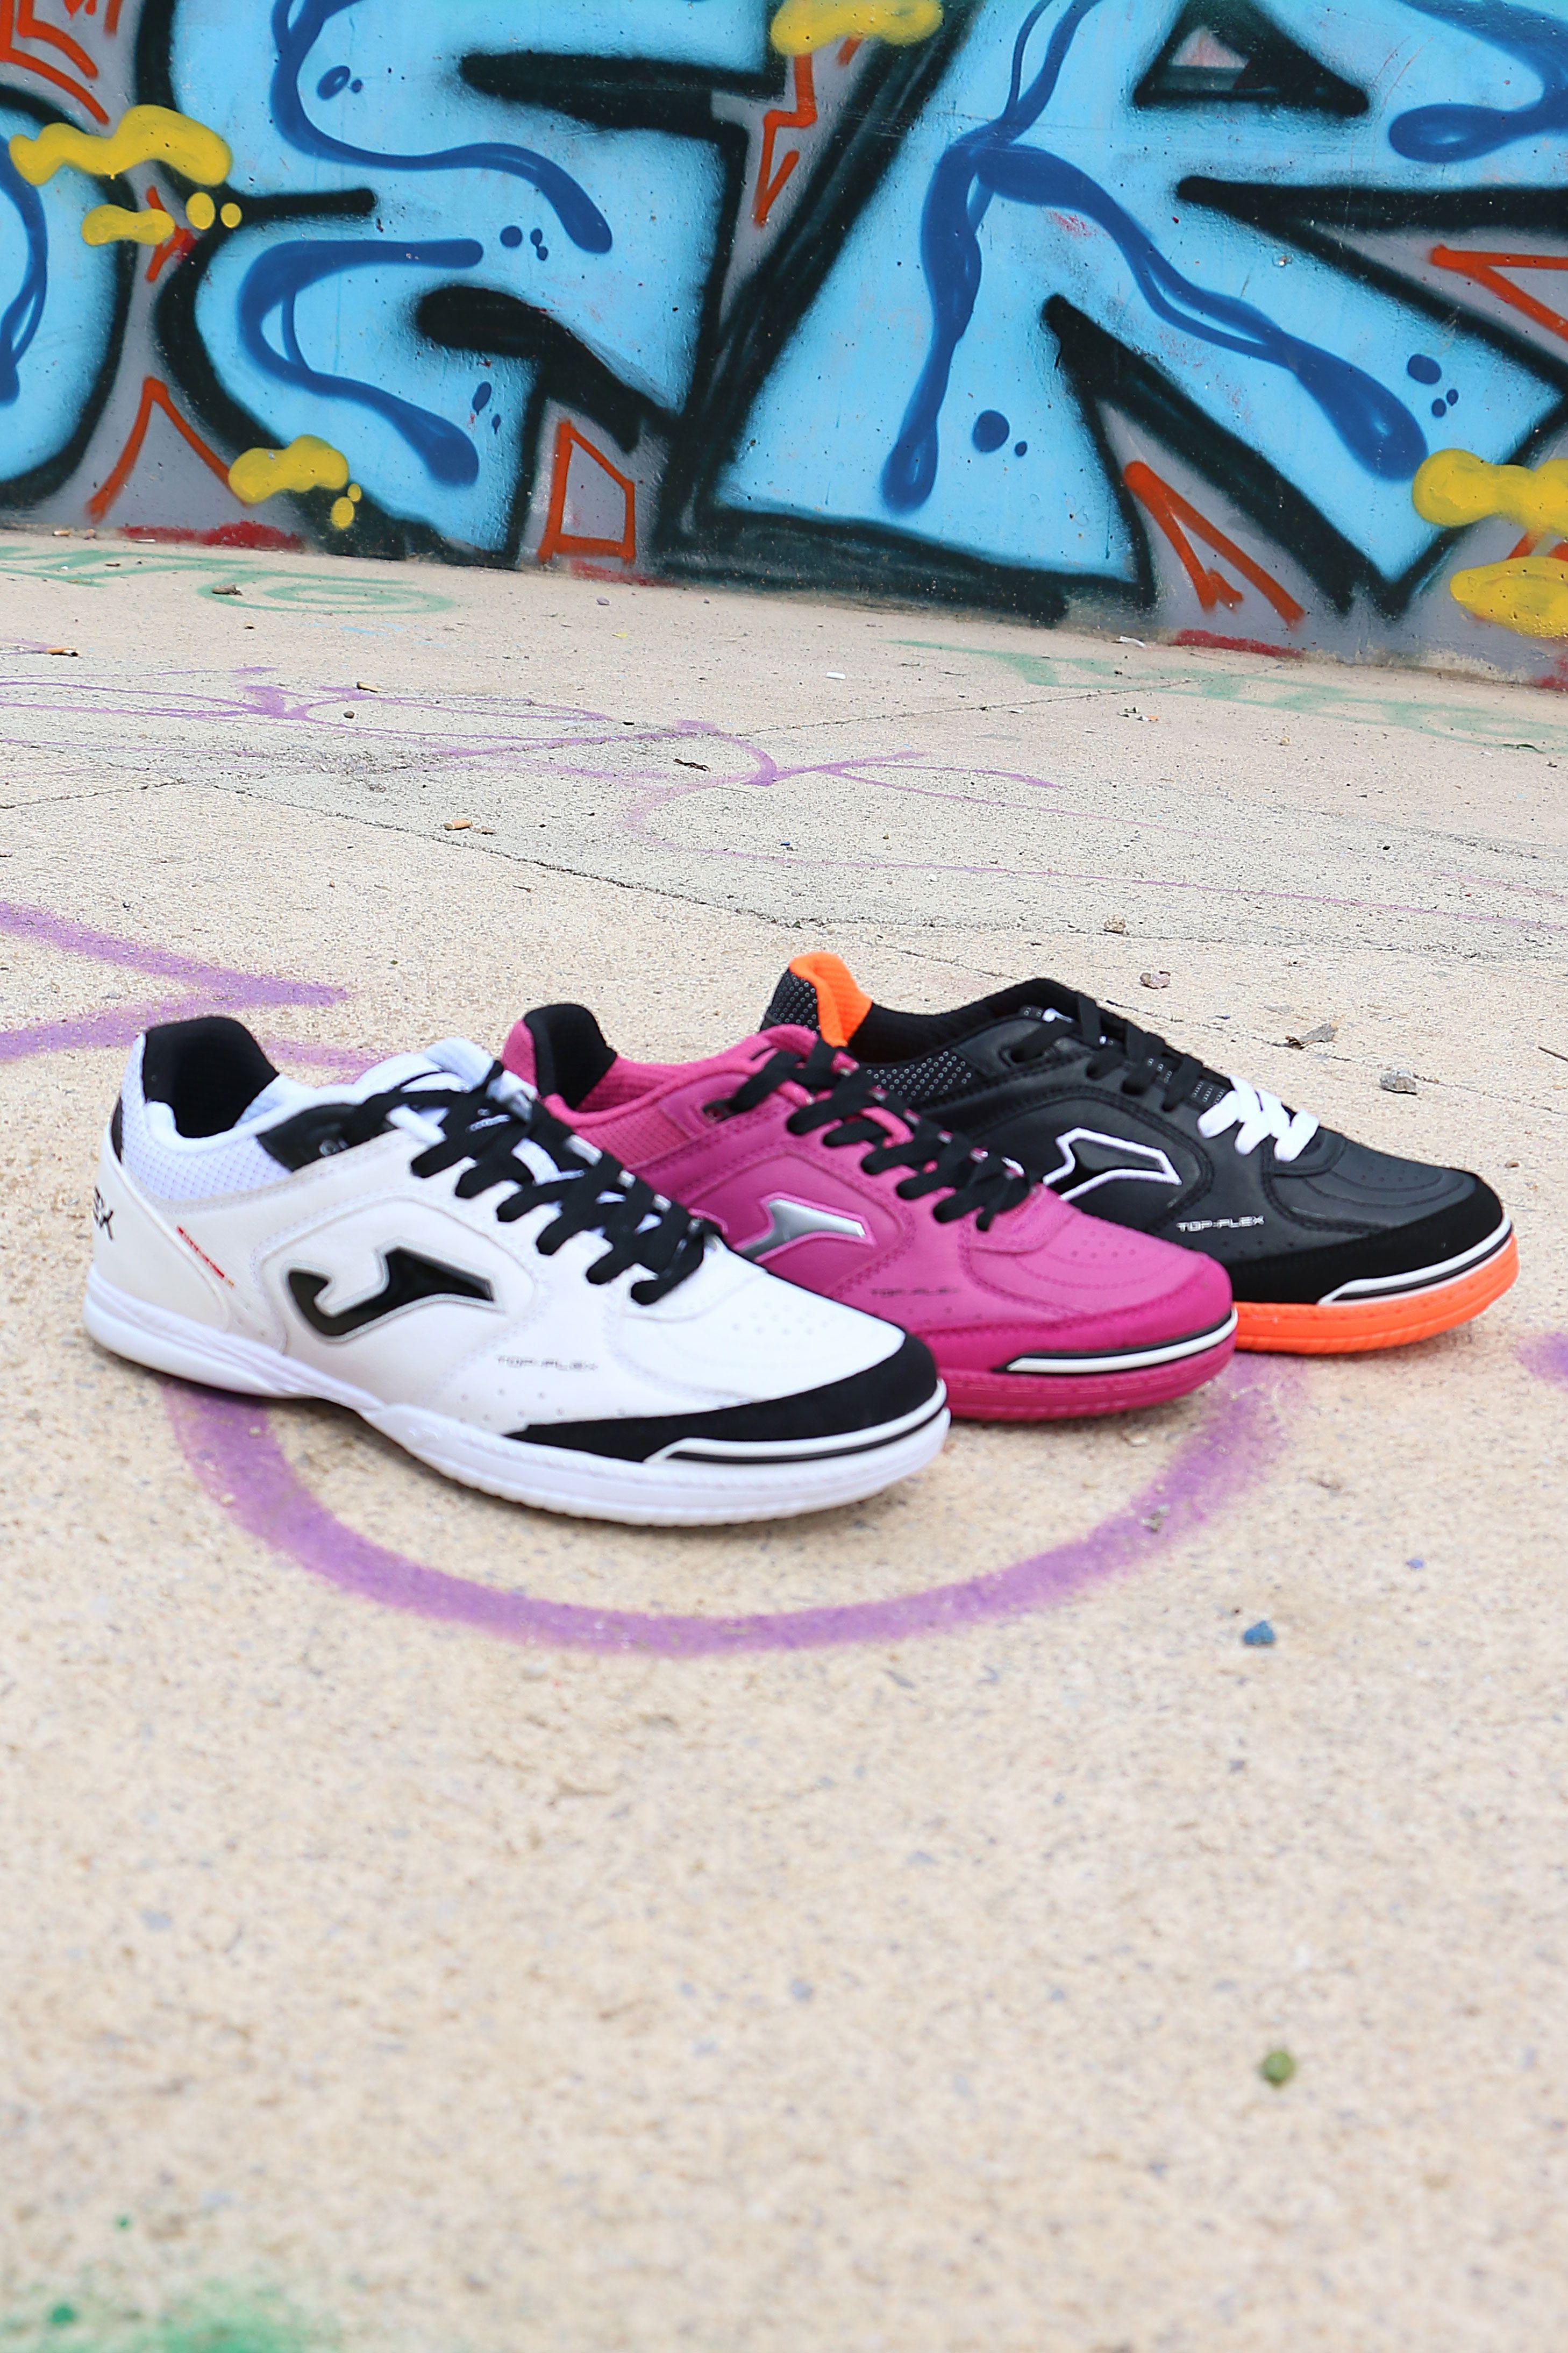 Muelle del puente Cita complejidad  zapatillas de futbol sala personalizadas Shop Clothing & Shoes Online